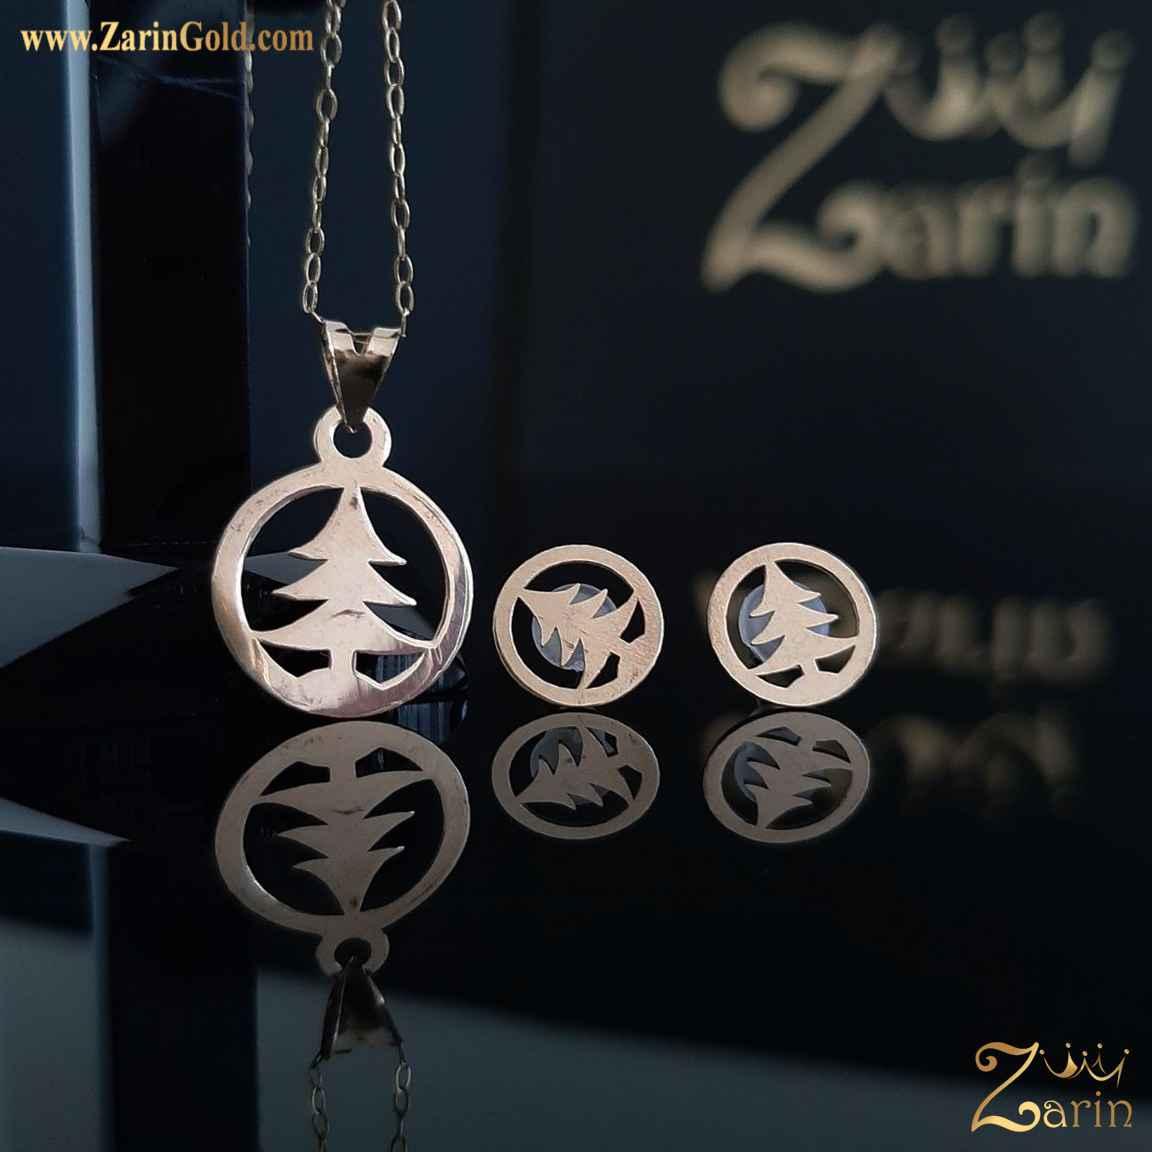 نیم ست طلا نماد کاج